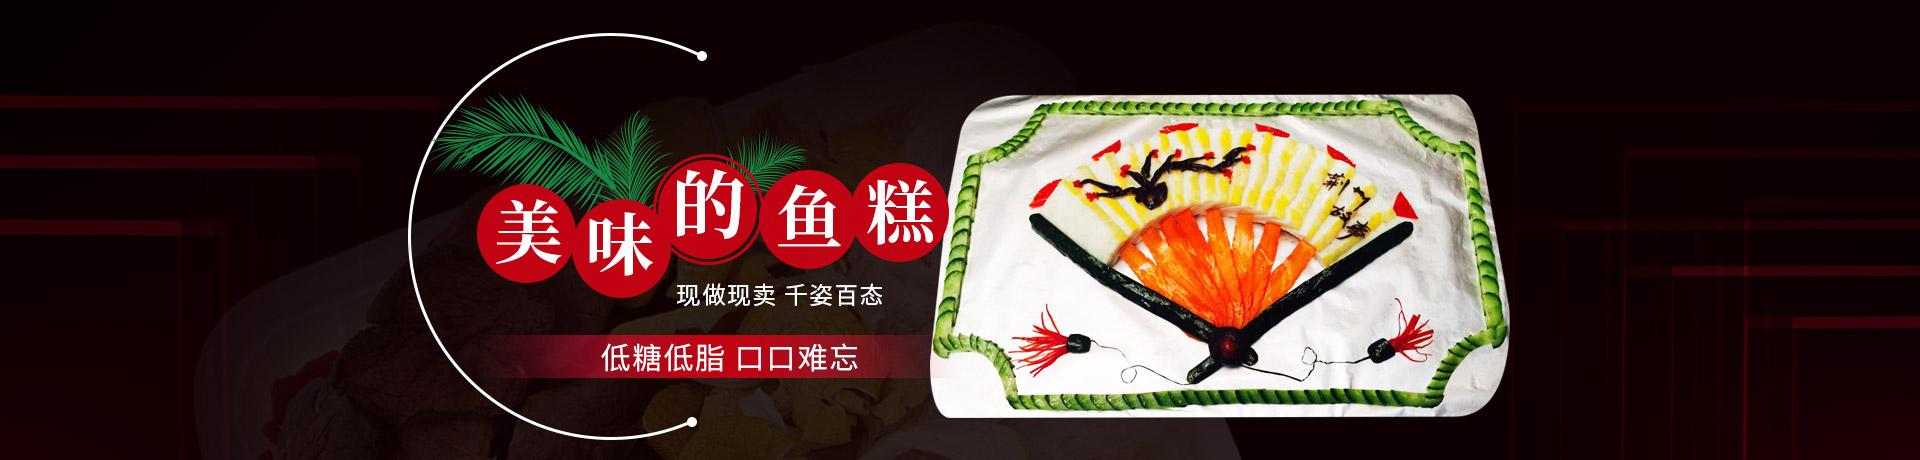 荆州鱼丸加工